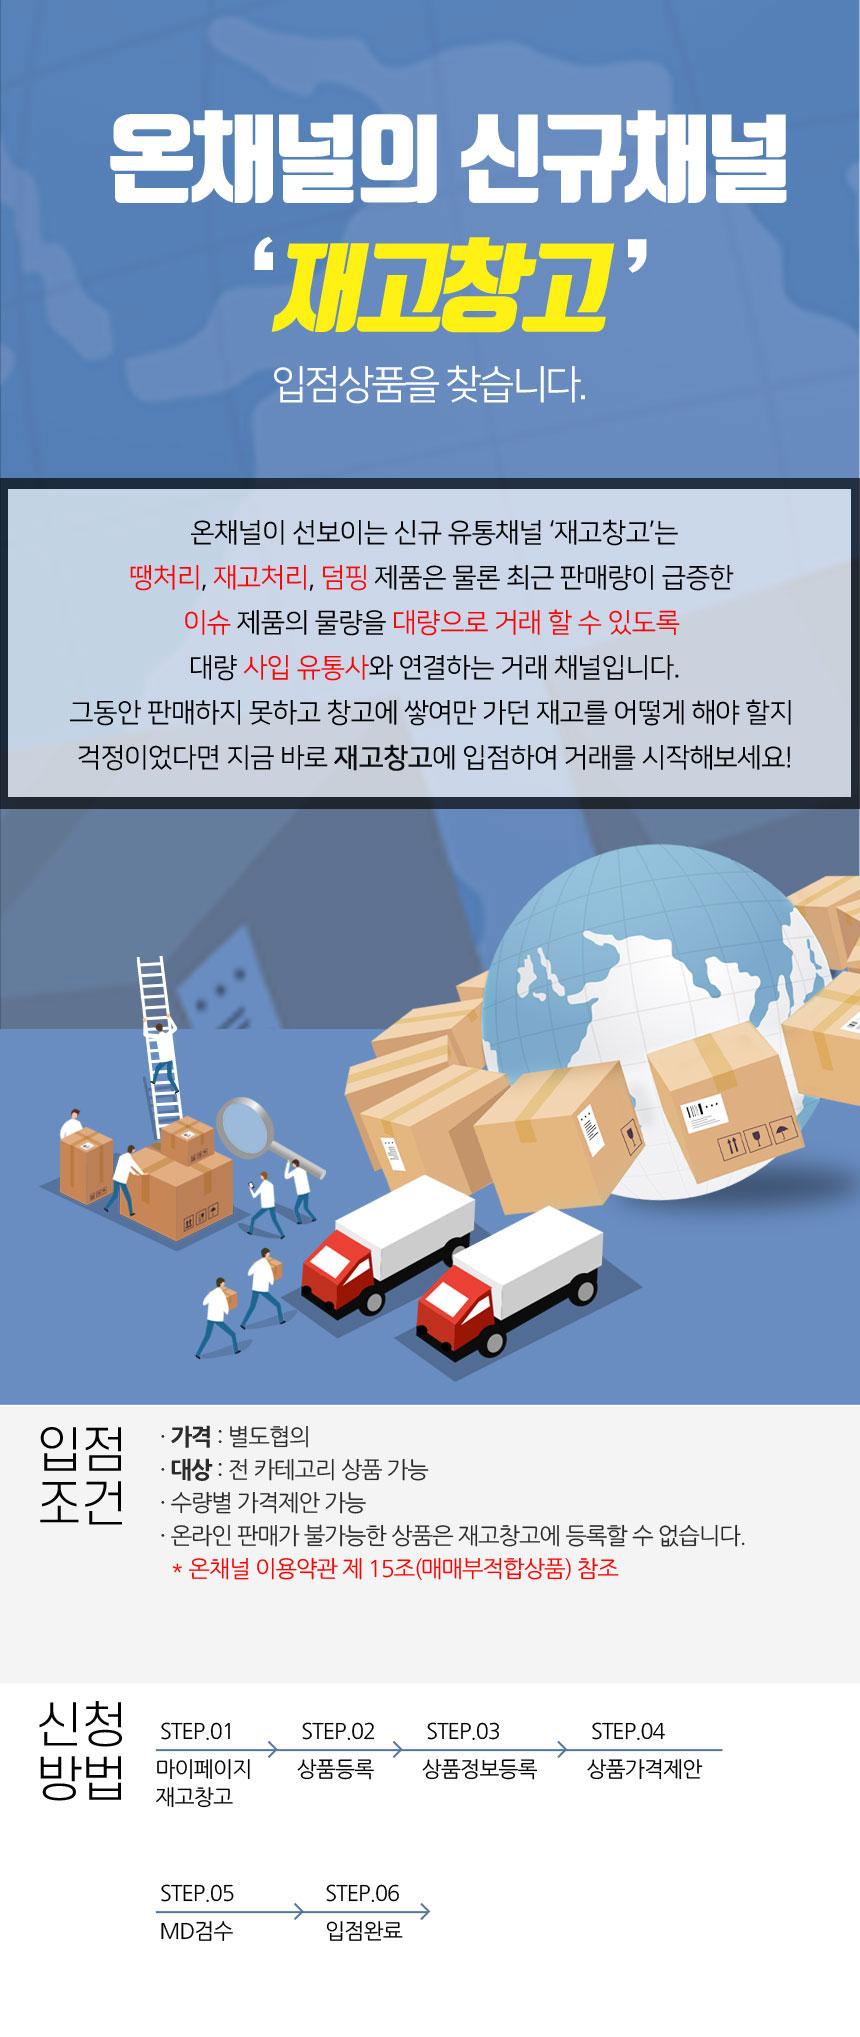 200825_재고채널-상품모집.jpg